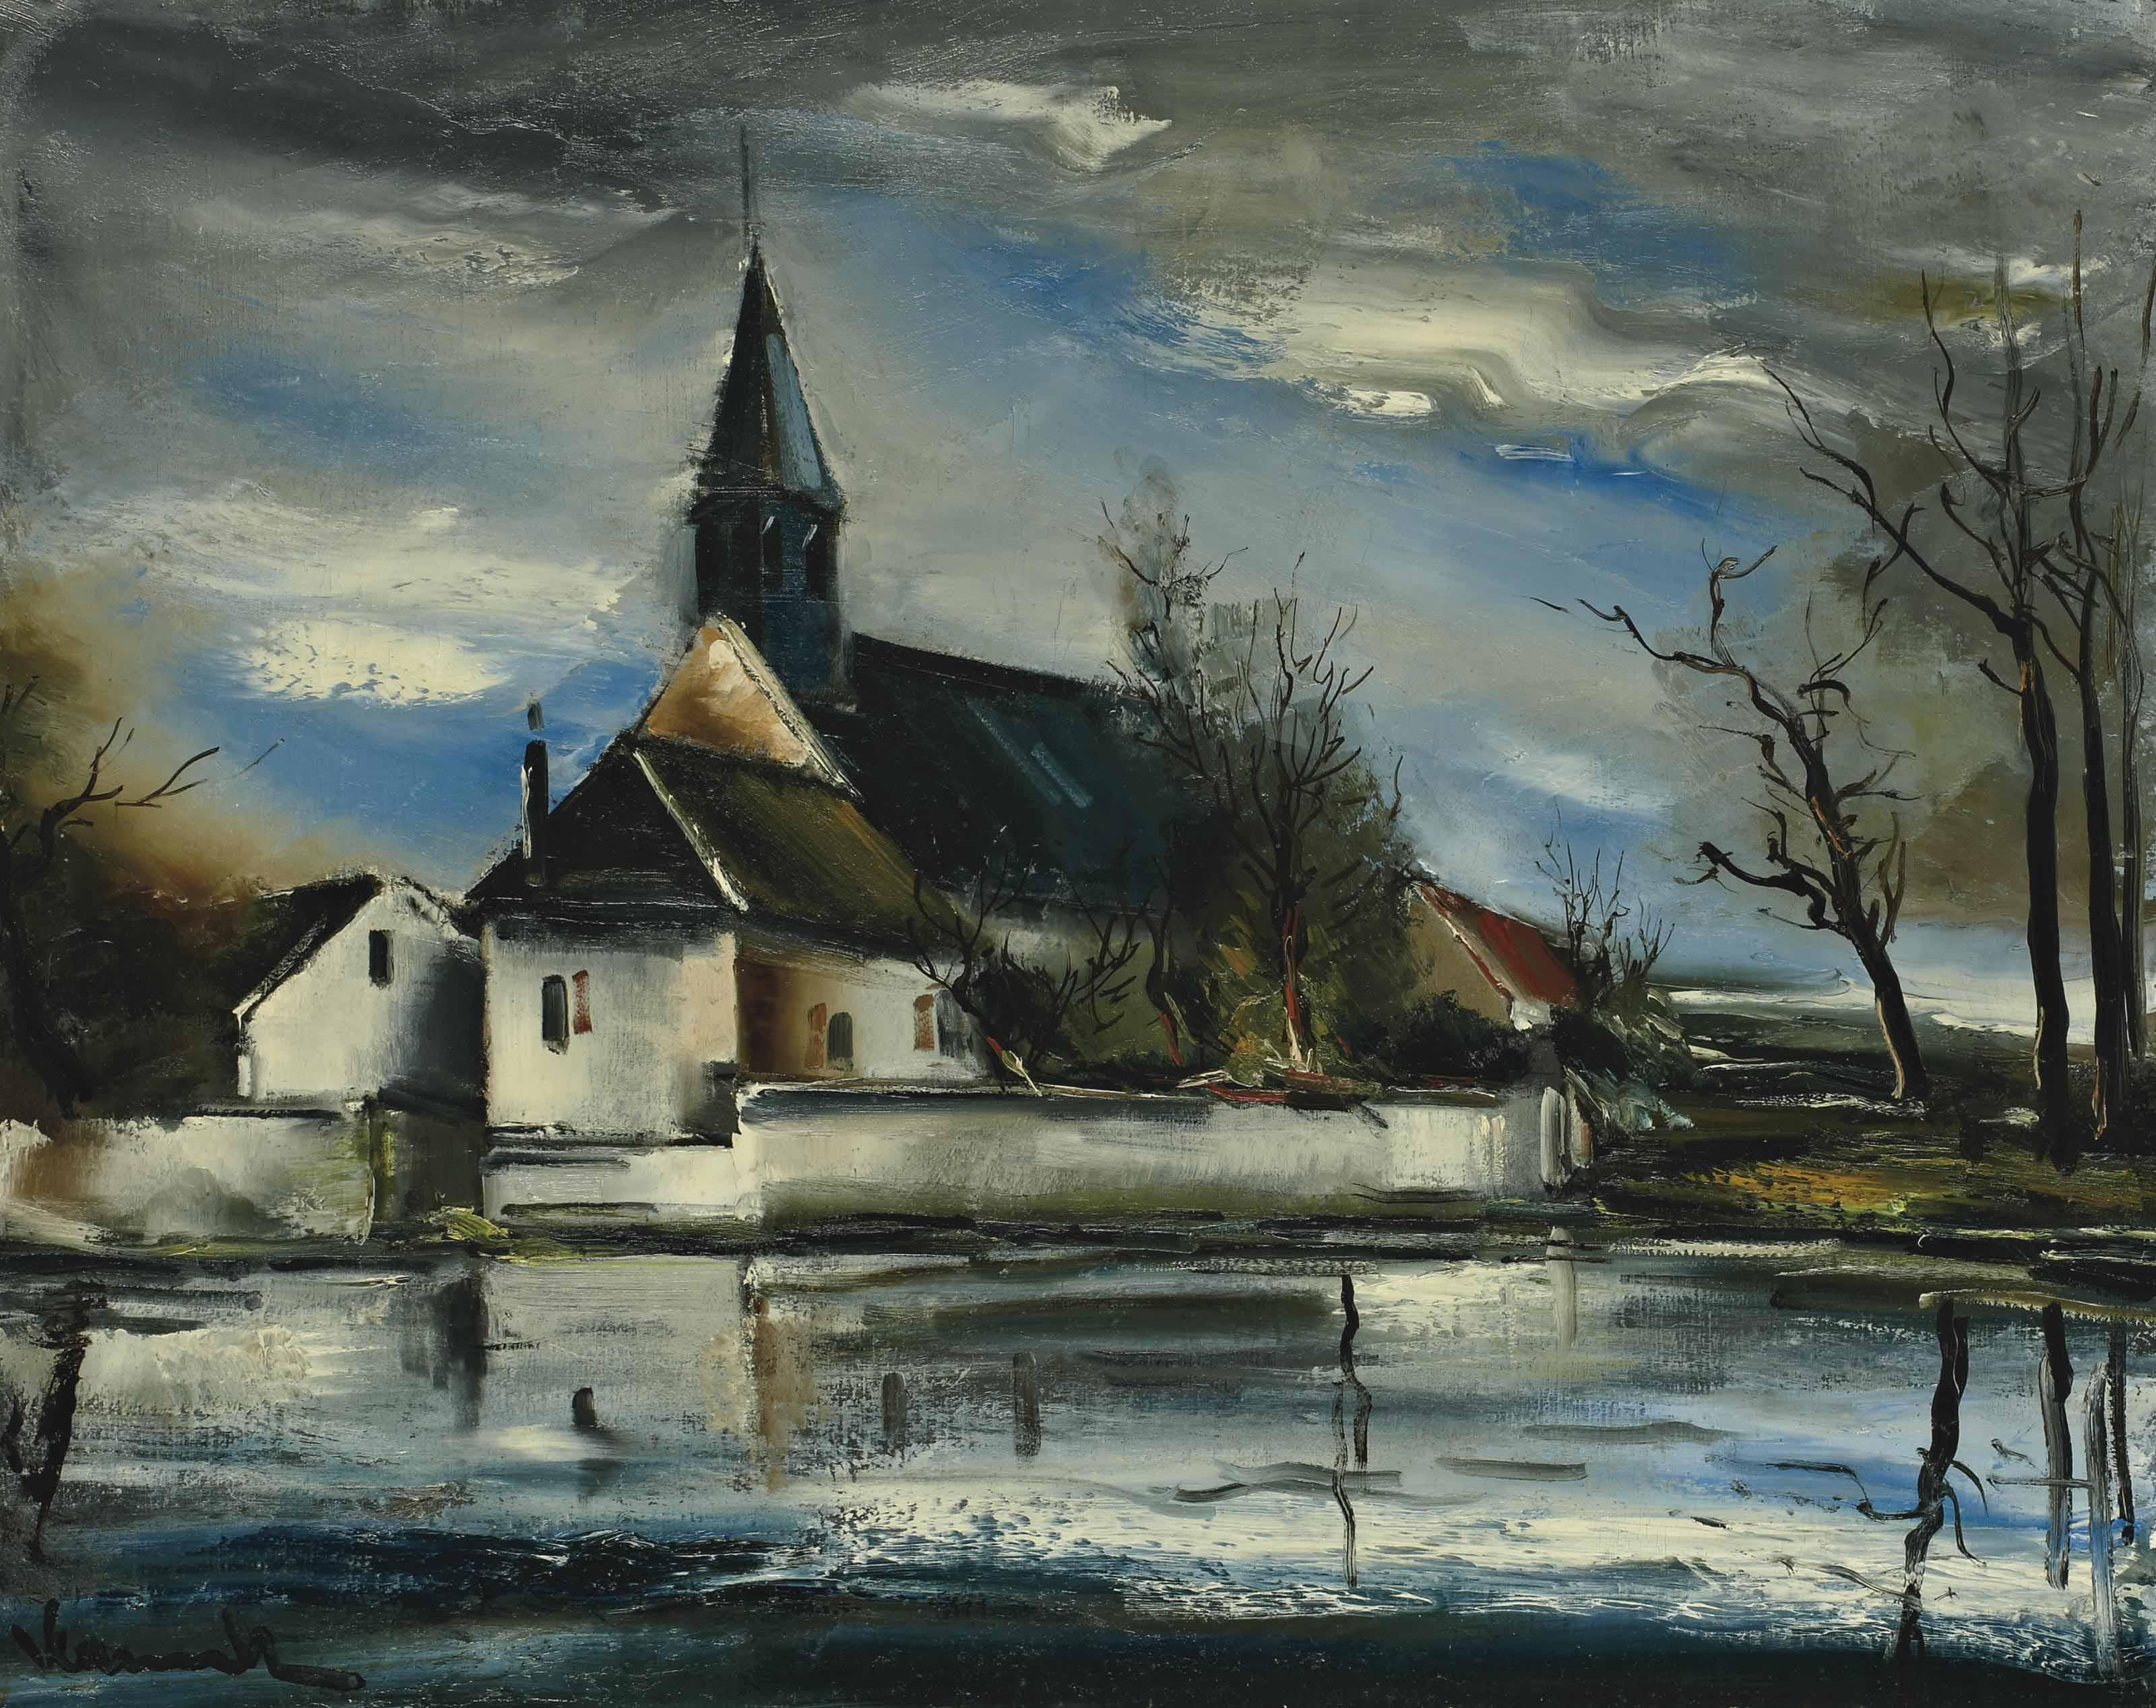 https://www.christies.com/img/LotImages/2012/PAR/2012_PAR_03505_0084_000(maurice_de_vlaminck_leglise_et_la_mare).jpg